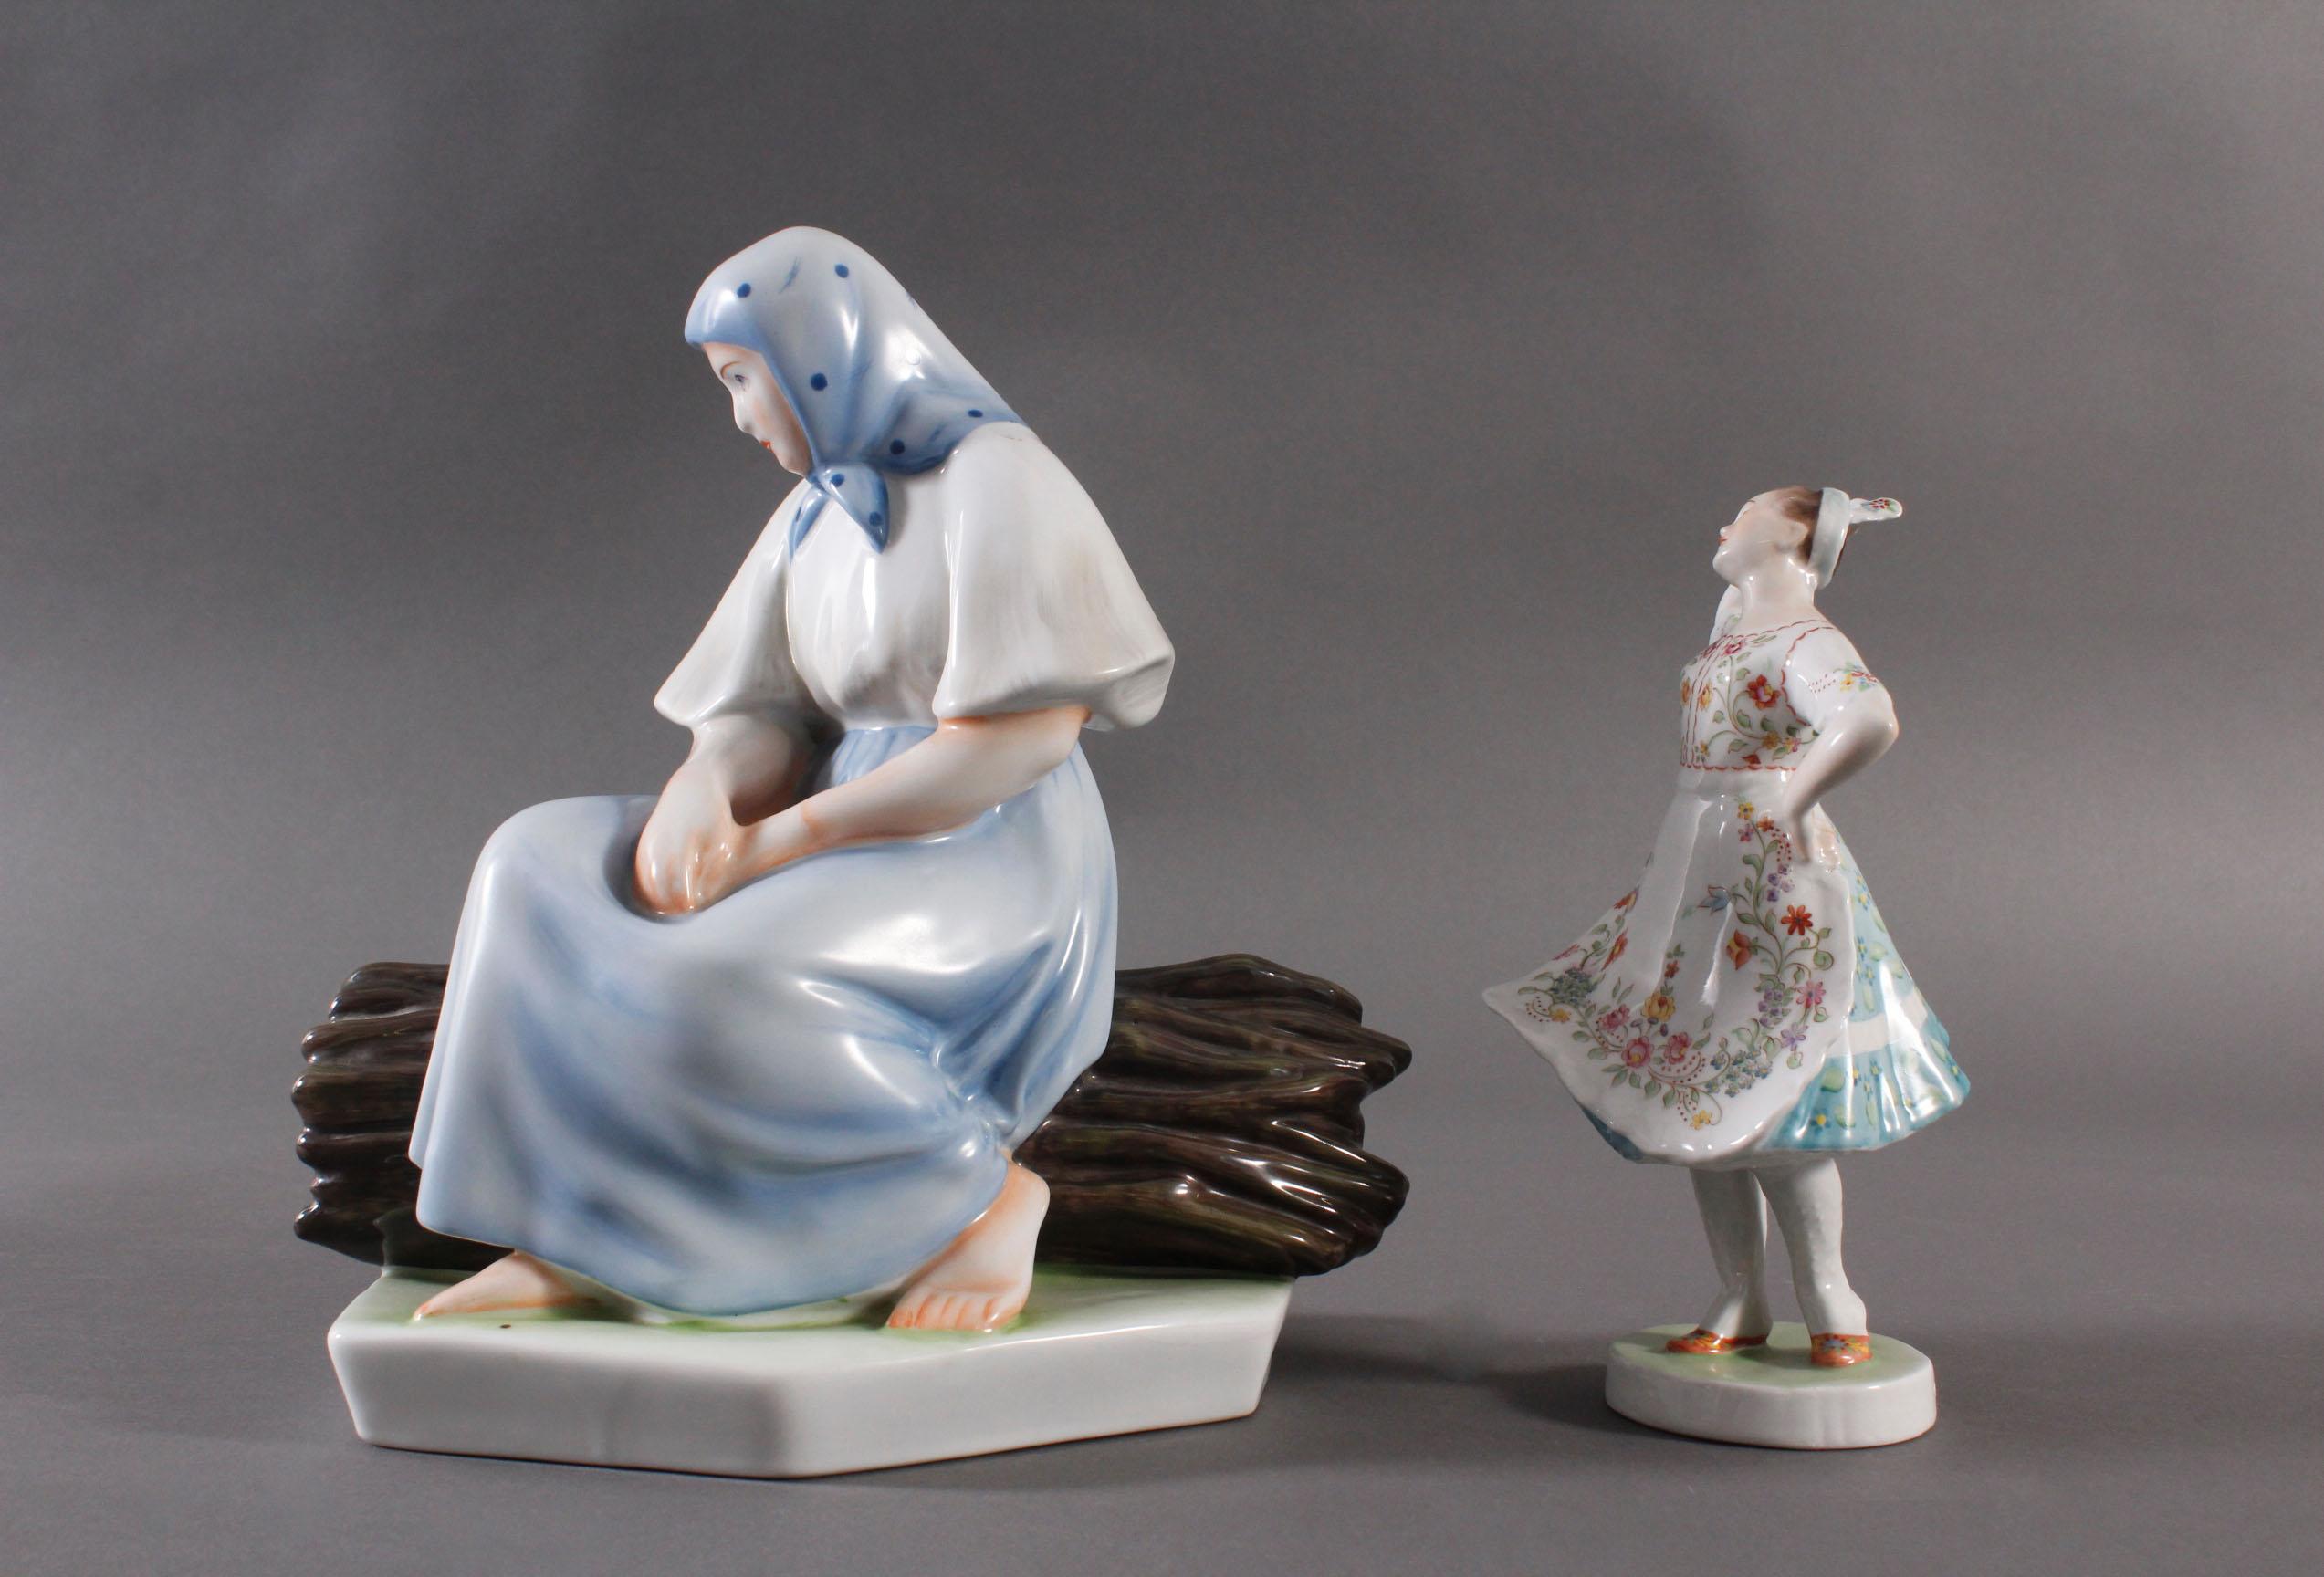 Porzellanfigur, Ungarn, 'Tänzerin in Trachten' und 'Bäuerin auf Reisigbündel sitzend'-2